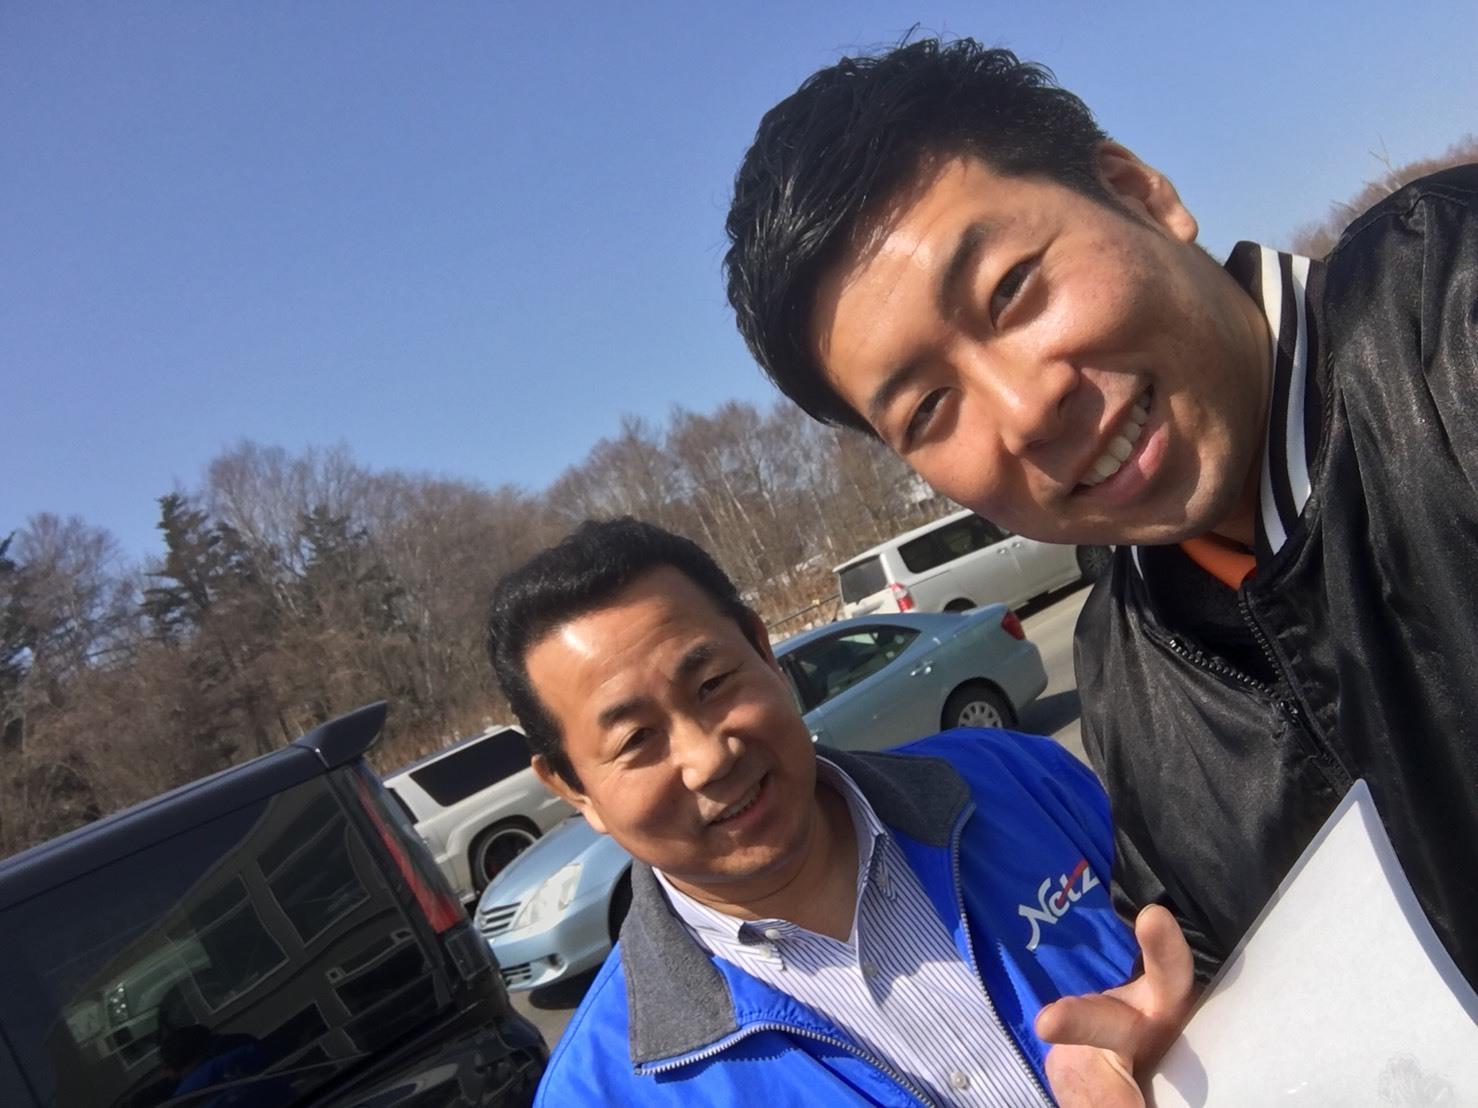 3月30日(金)トミーベース カスタムブログ☆S社様、新車のヴェルファイア到着☆カマロカスタム中☆_b0127002_10564990.jpg